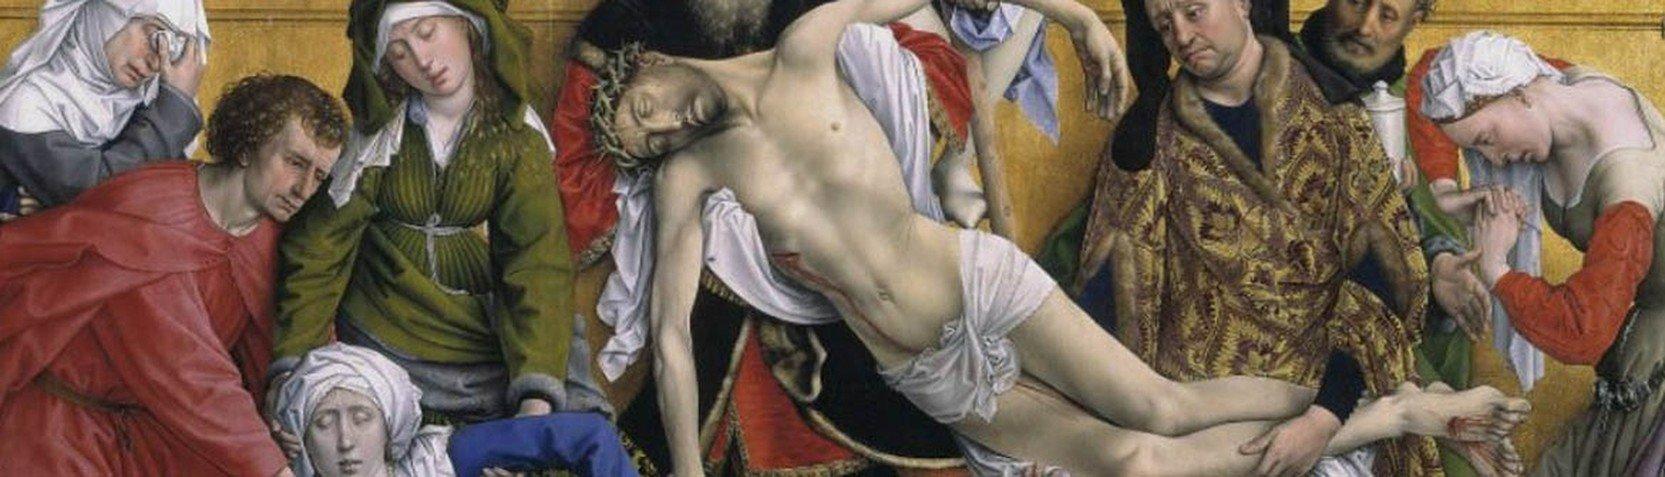 Colecciones - Pinturas religiosas